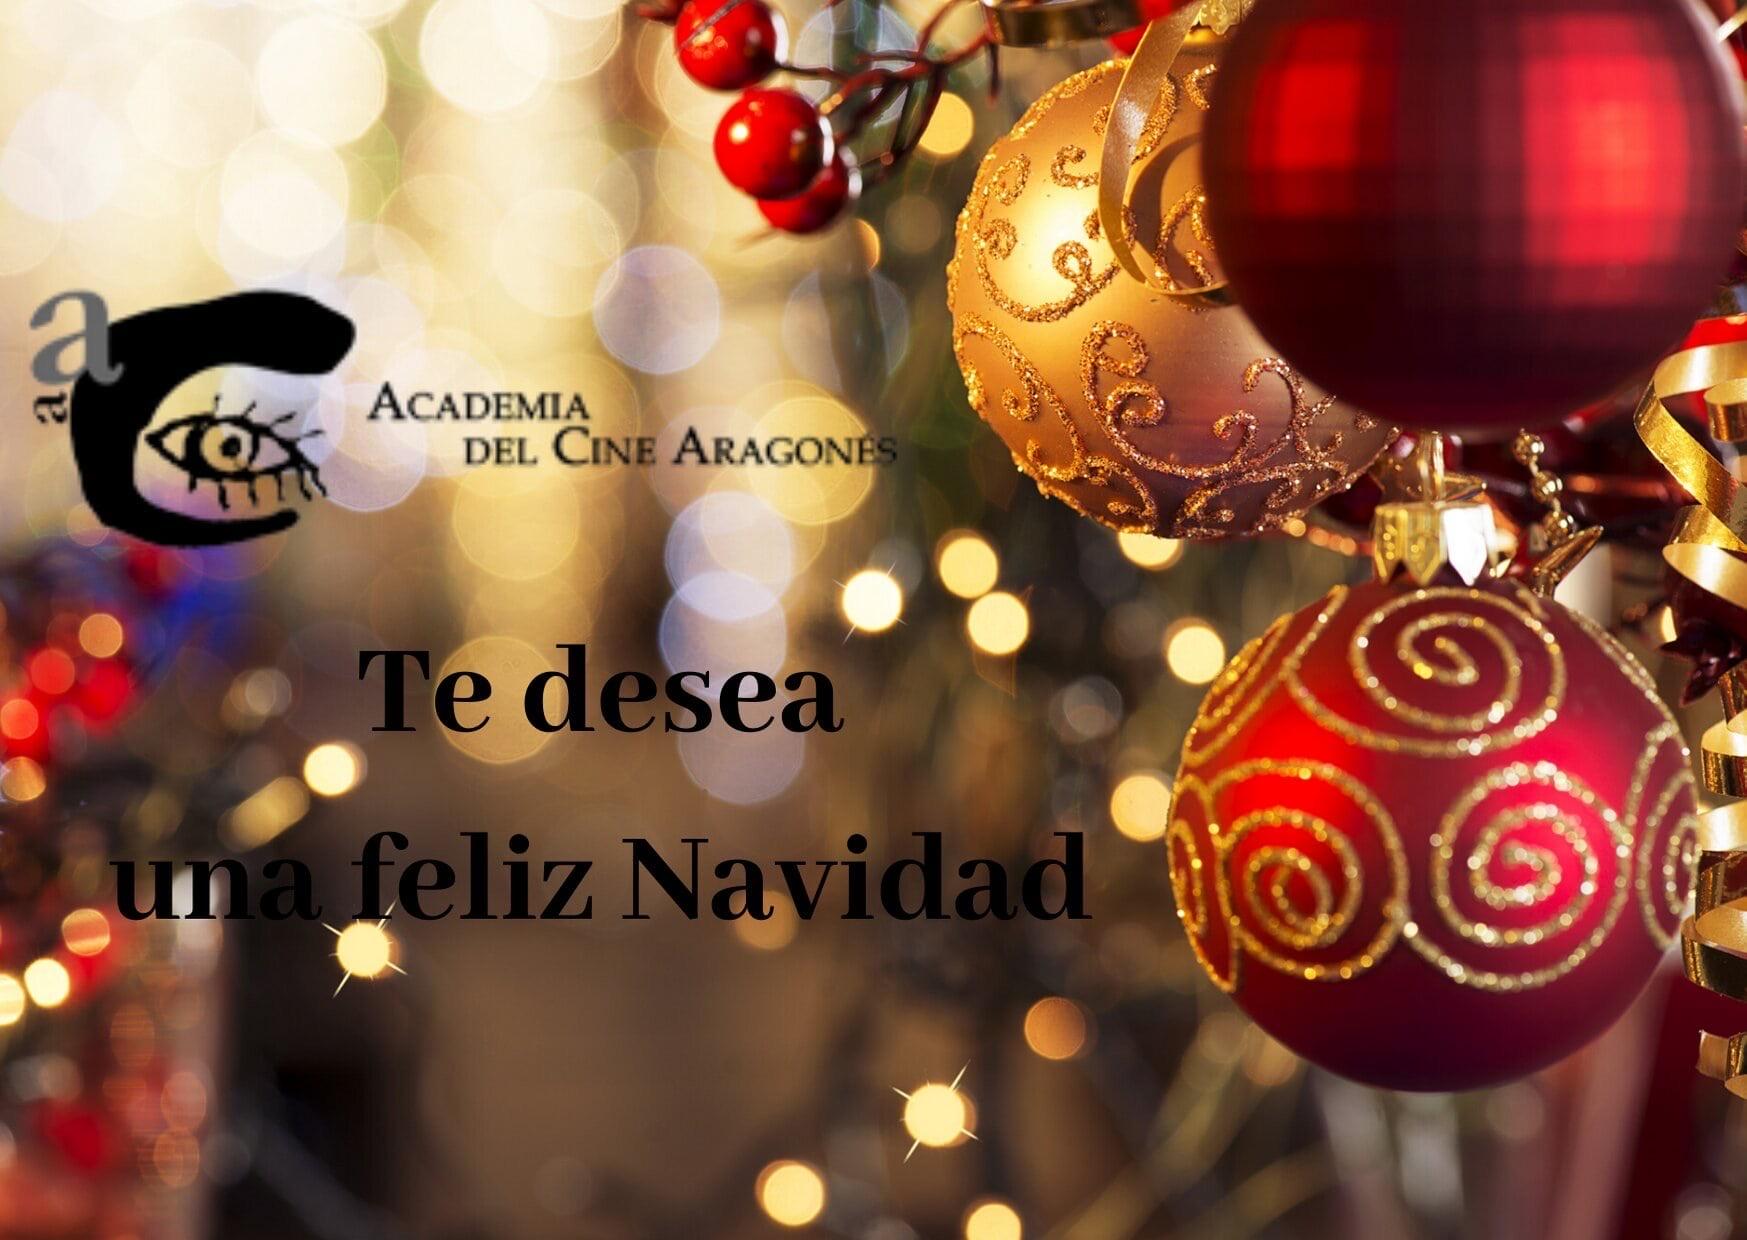 ACA te desea Feliz Navidad